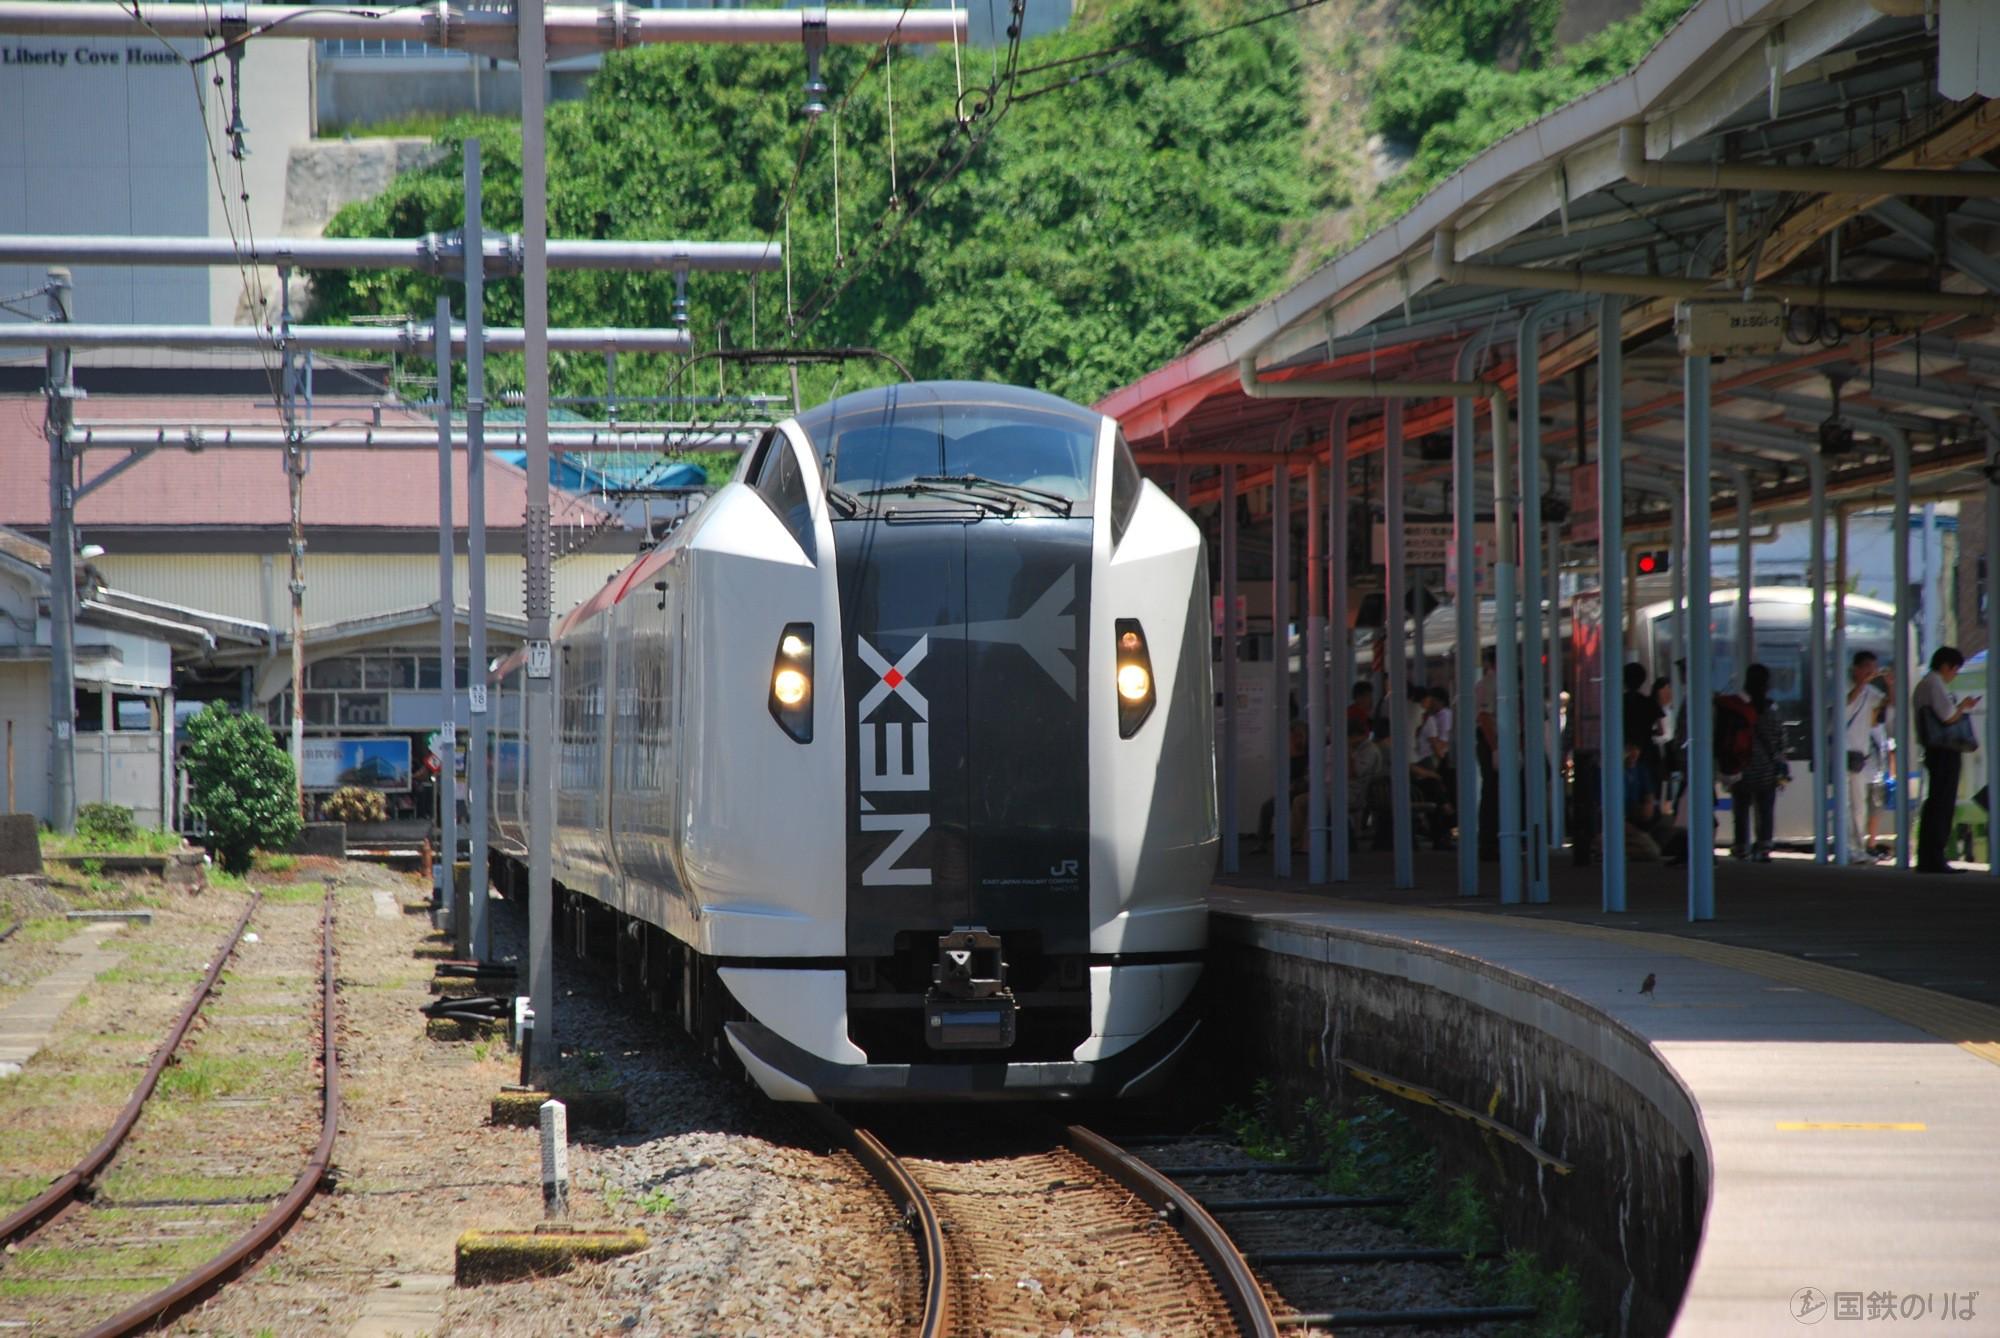 2014年には横須賀まで延長運転された成田エクスプレス。乗車率が芳しくなかったのか、その後は設定されていない。